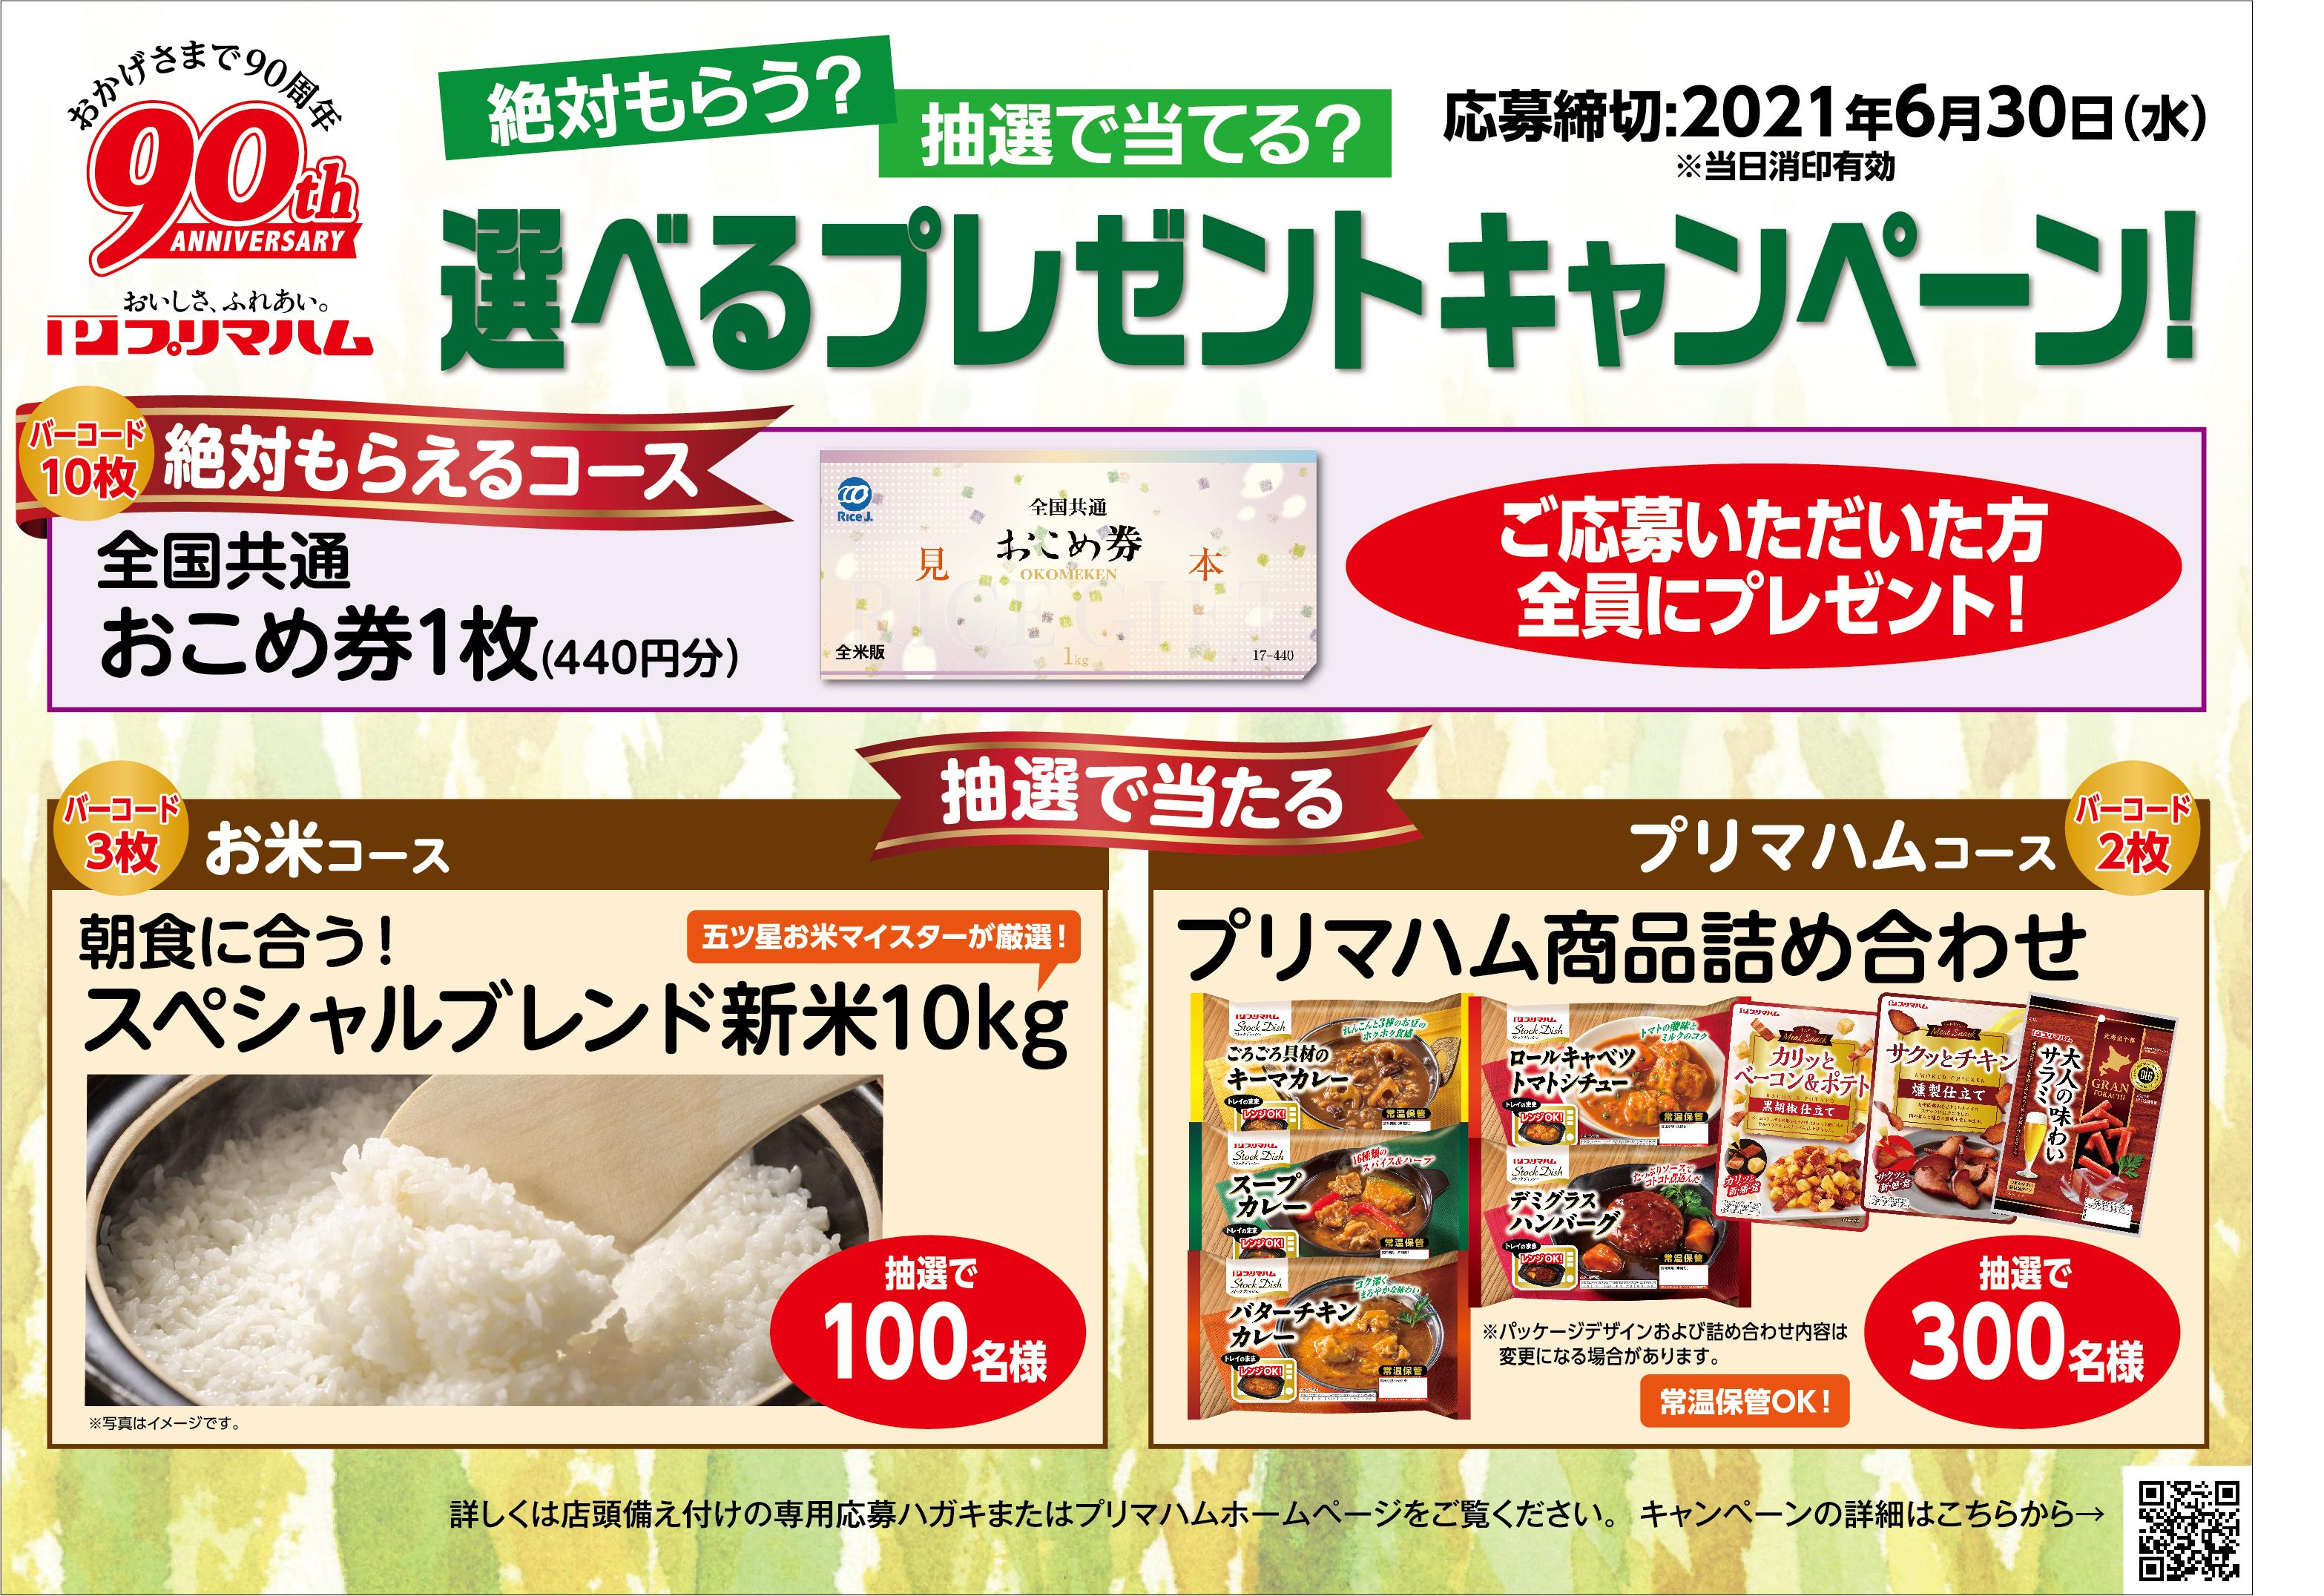 https://www.primaham.co.jp/attaches/images/202104ca-prima.jpg